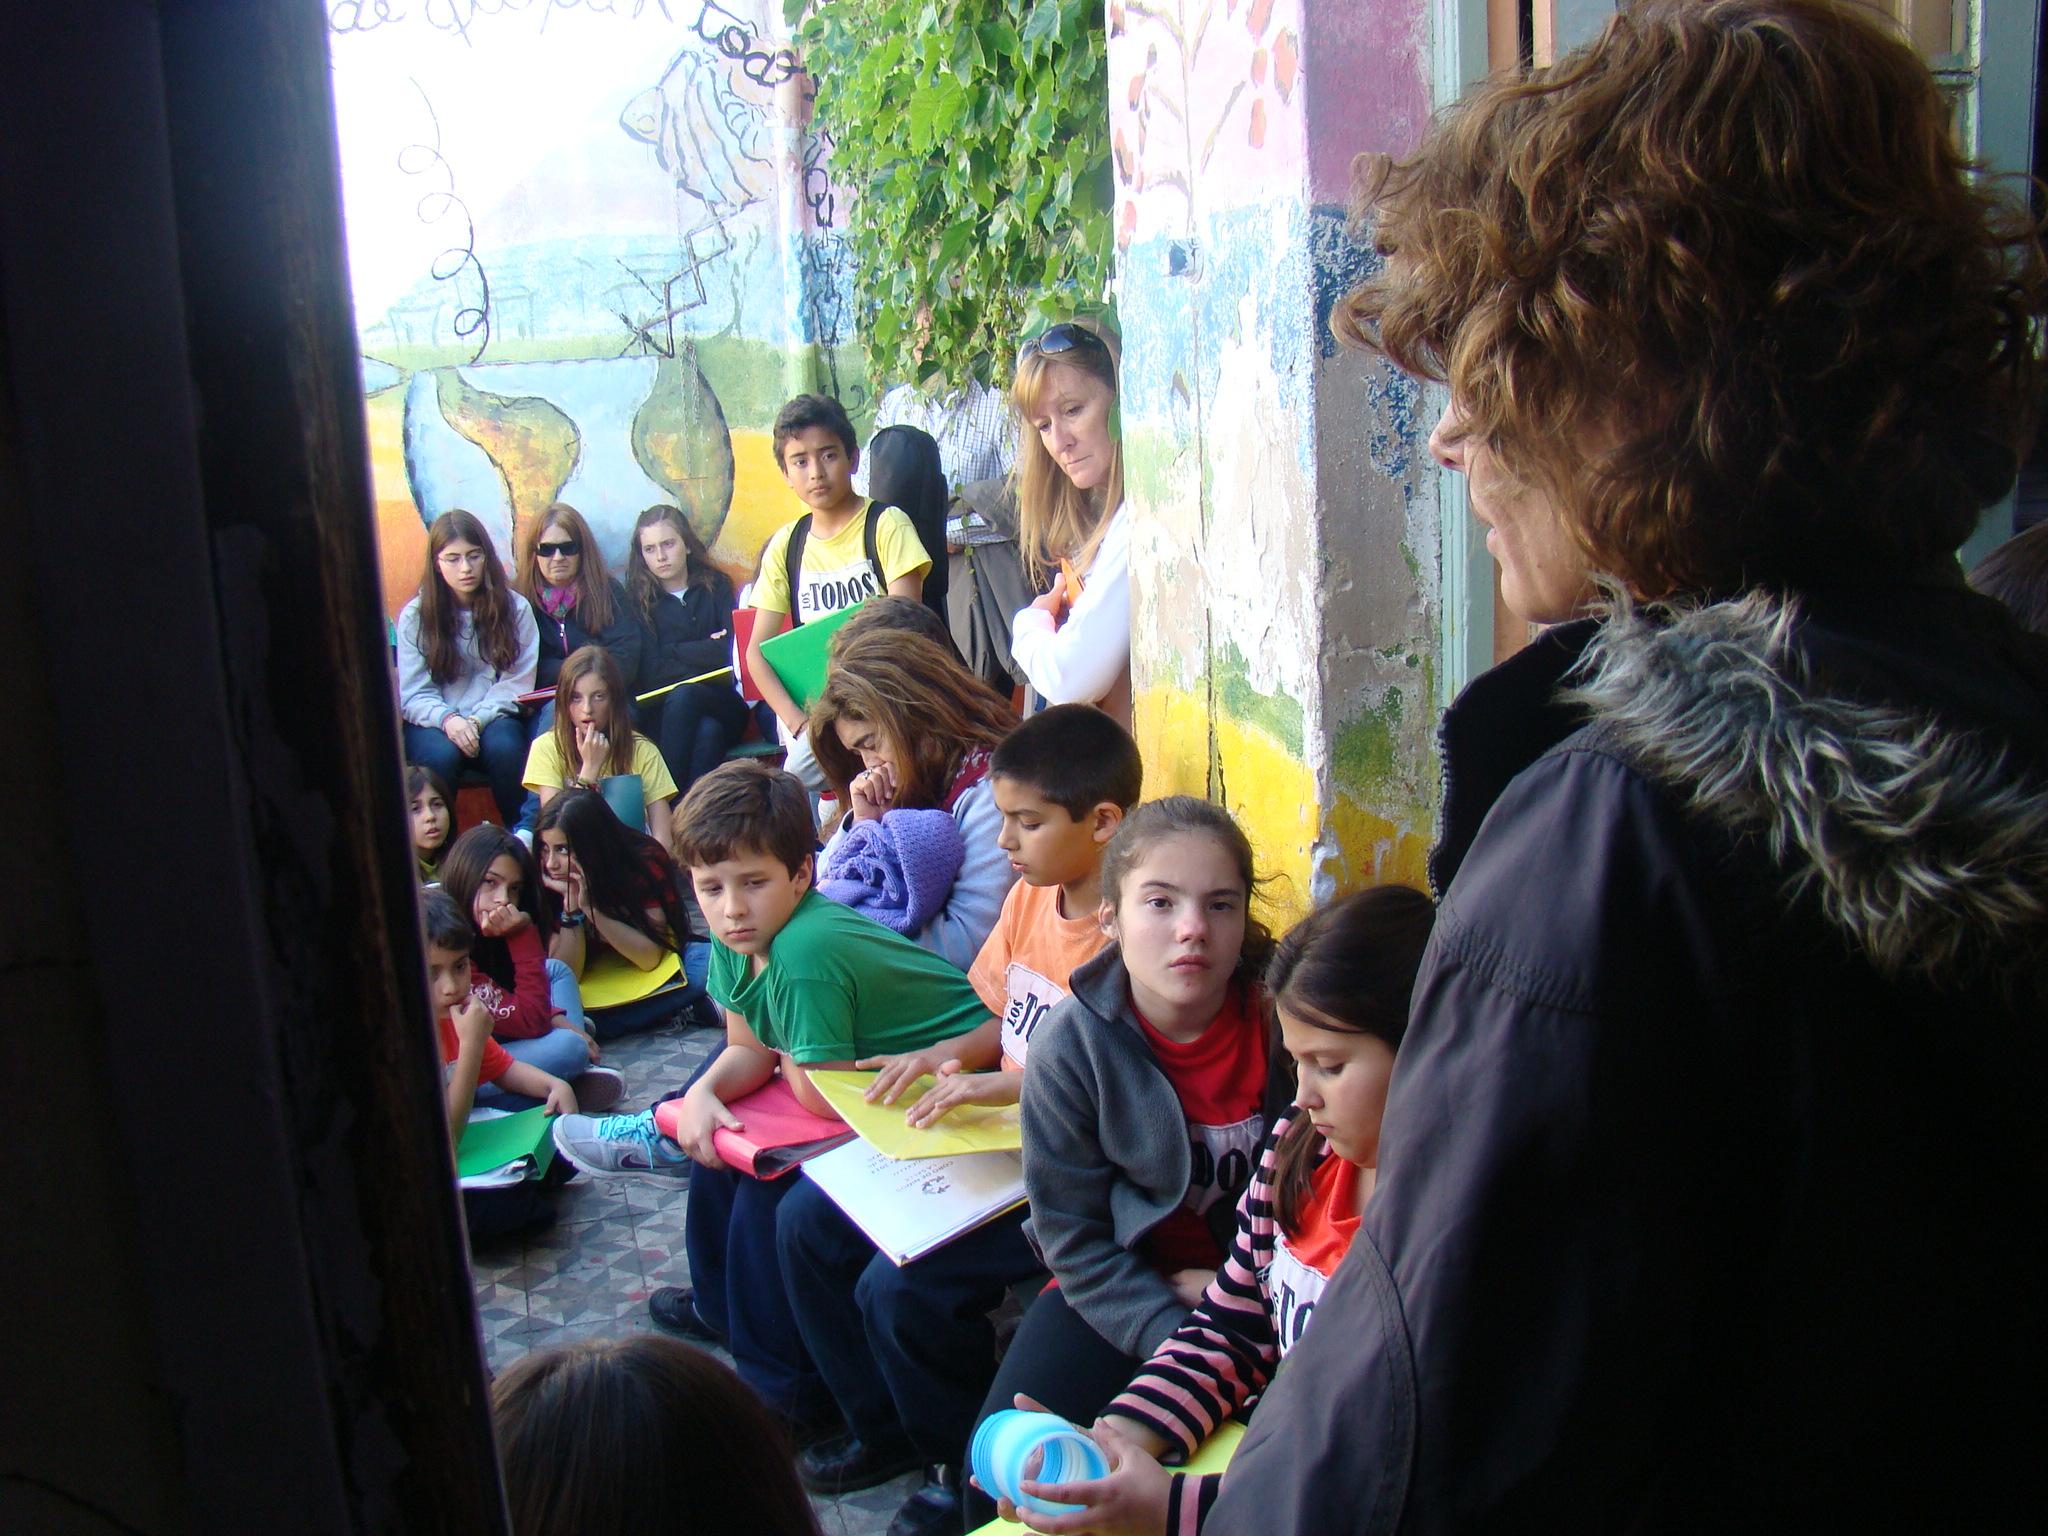 Los chicos de diferentes edades dibujaban en una actividad escolar, en 2014.